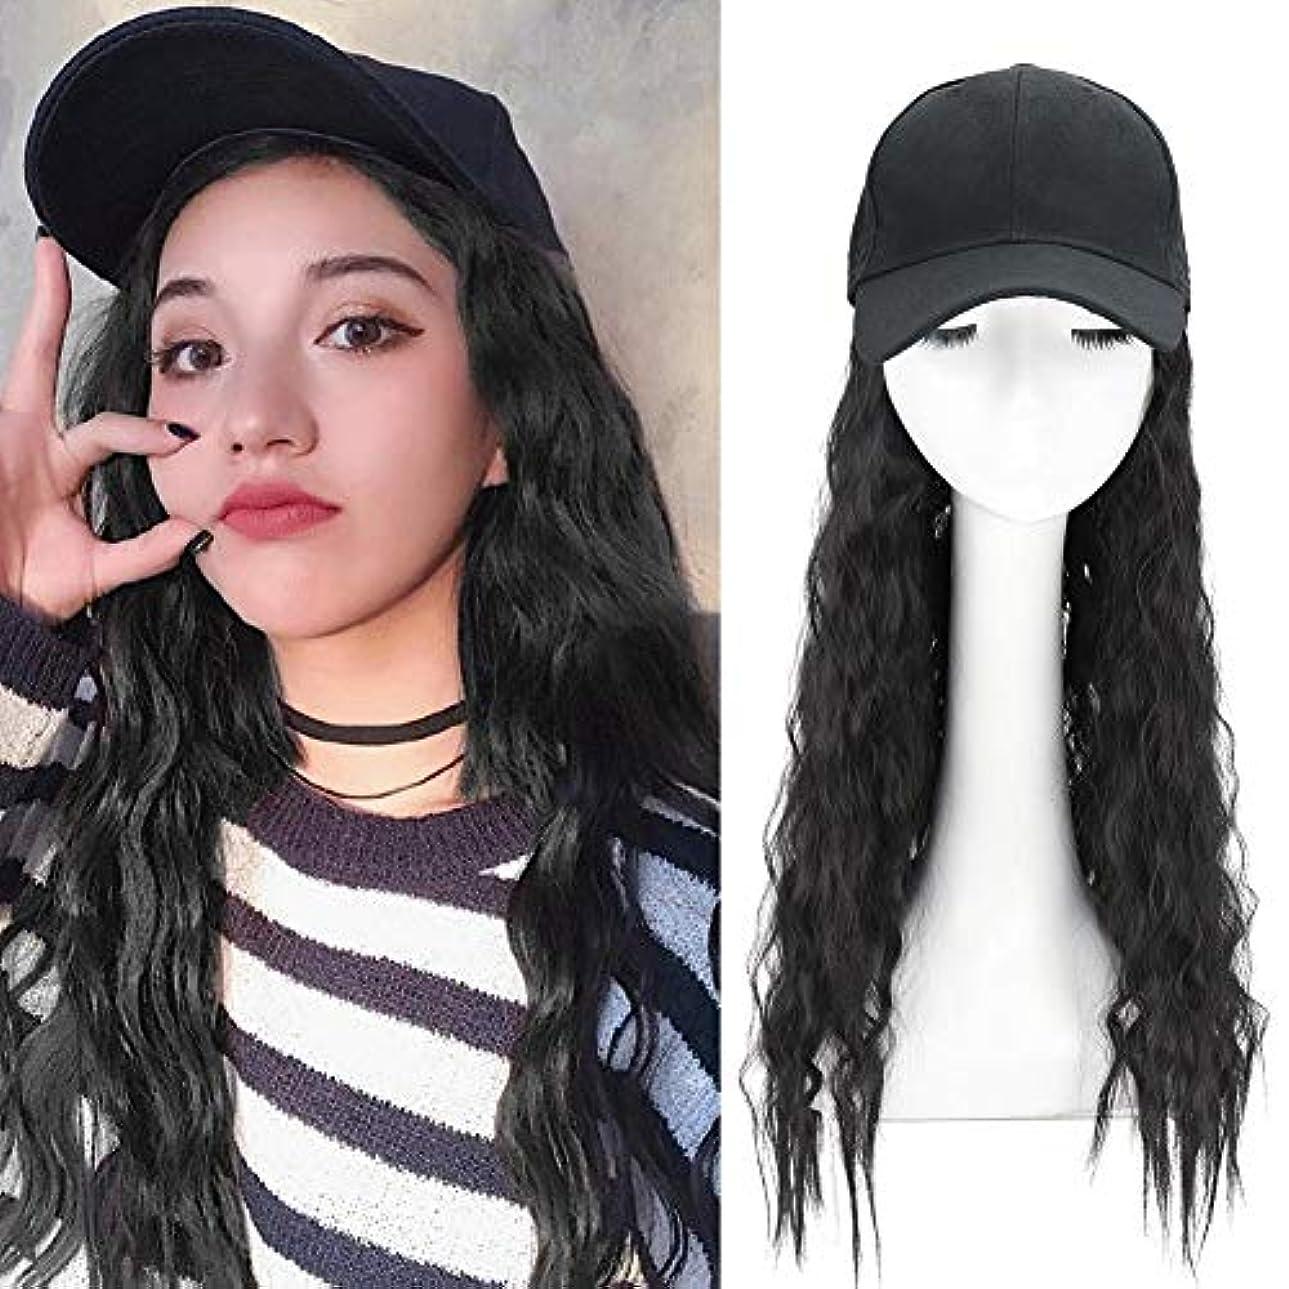 収縮名誉ある眠いです長い巻き毛を持つ合成長波野球帽合成毛を持つ波状かつらキャップ女の子のための髪を持つ調整可能な野球帽帽子